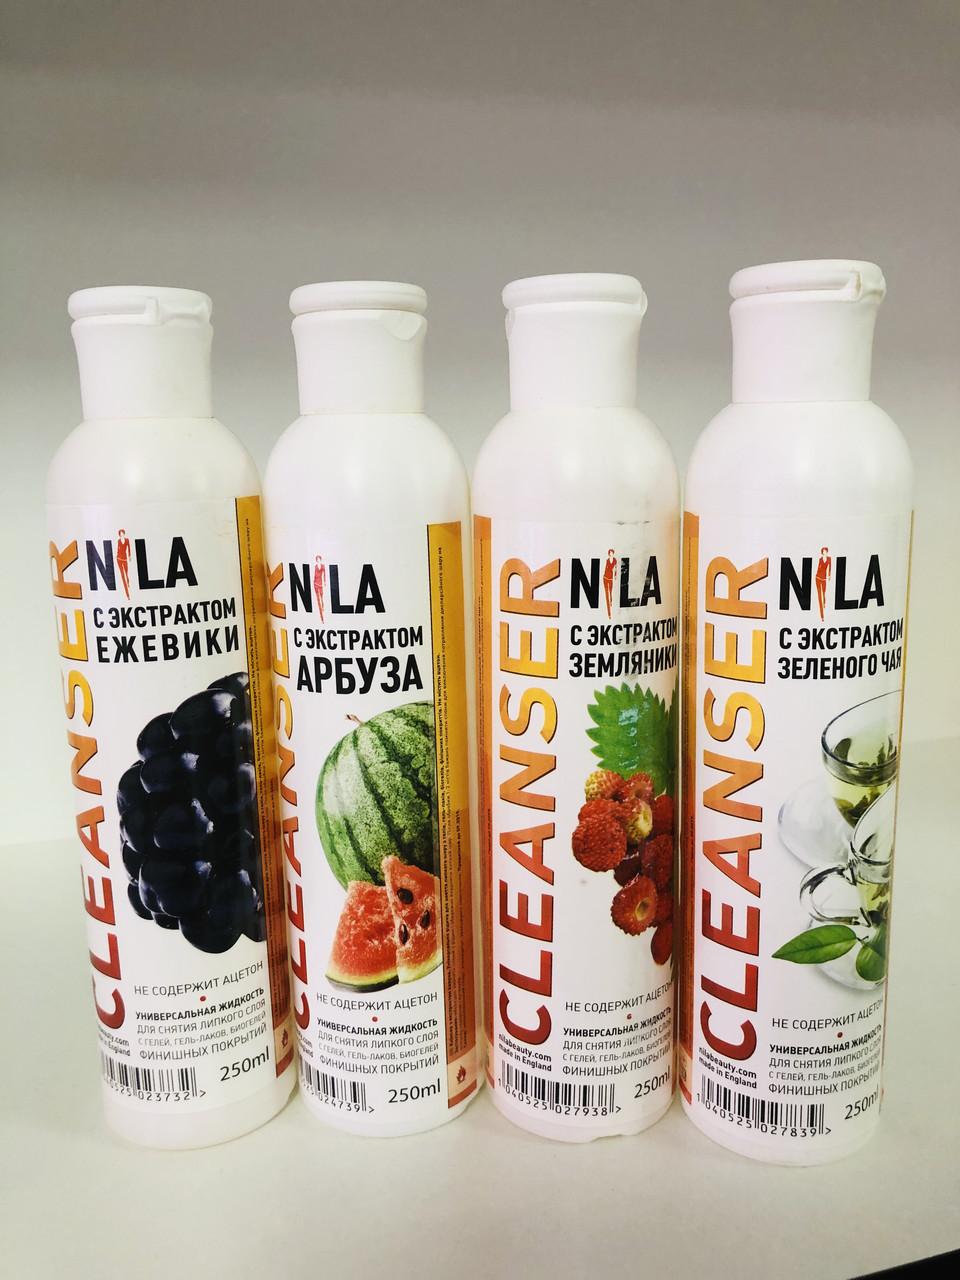 Nila Cleanser Средство для снятия липкого слоя в ассортименте, 250 мл